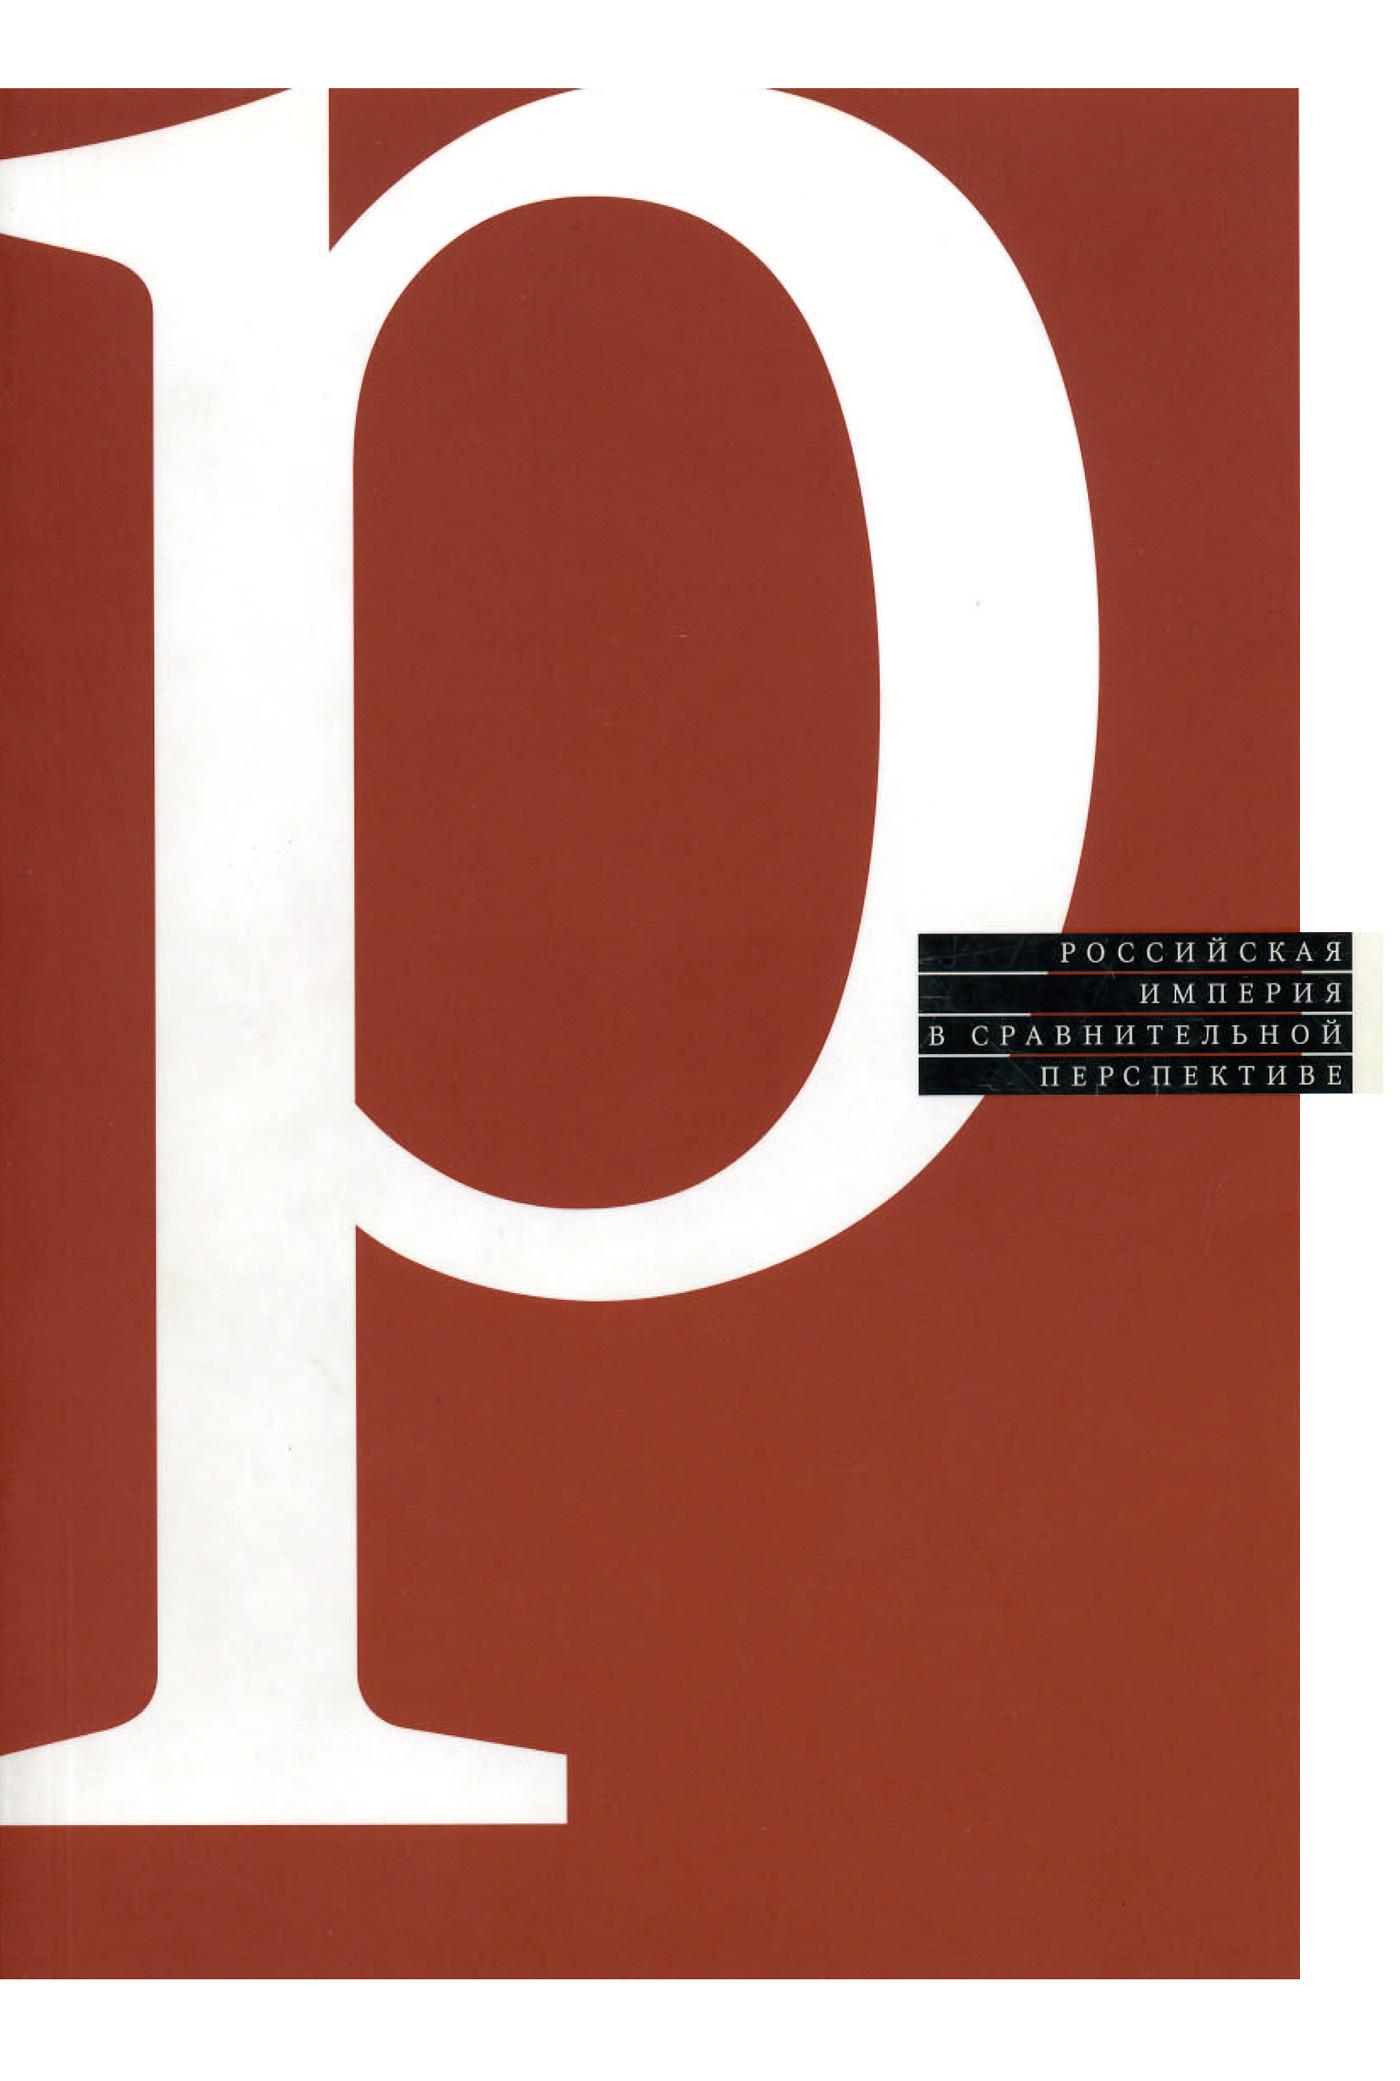 Сборник статей Российская империя в сравнительной перспективе российская национальная библиотека и отечественная художественная культура сборник статей и публикаций вып 4